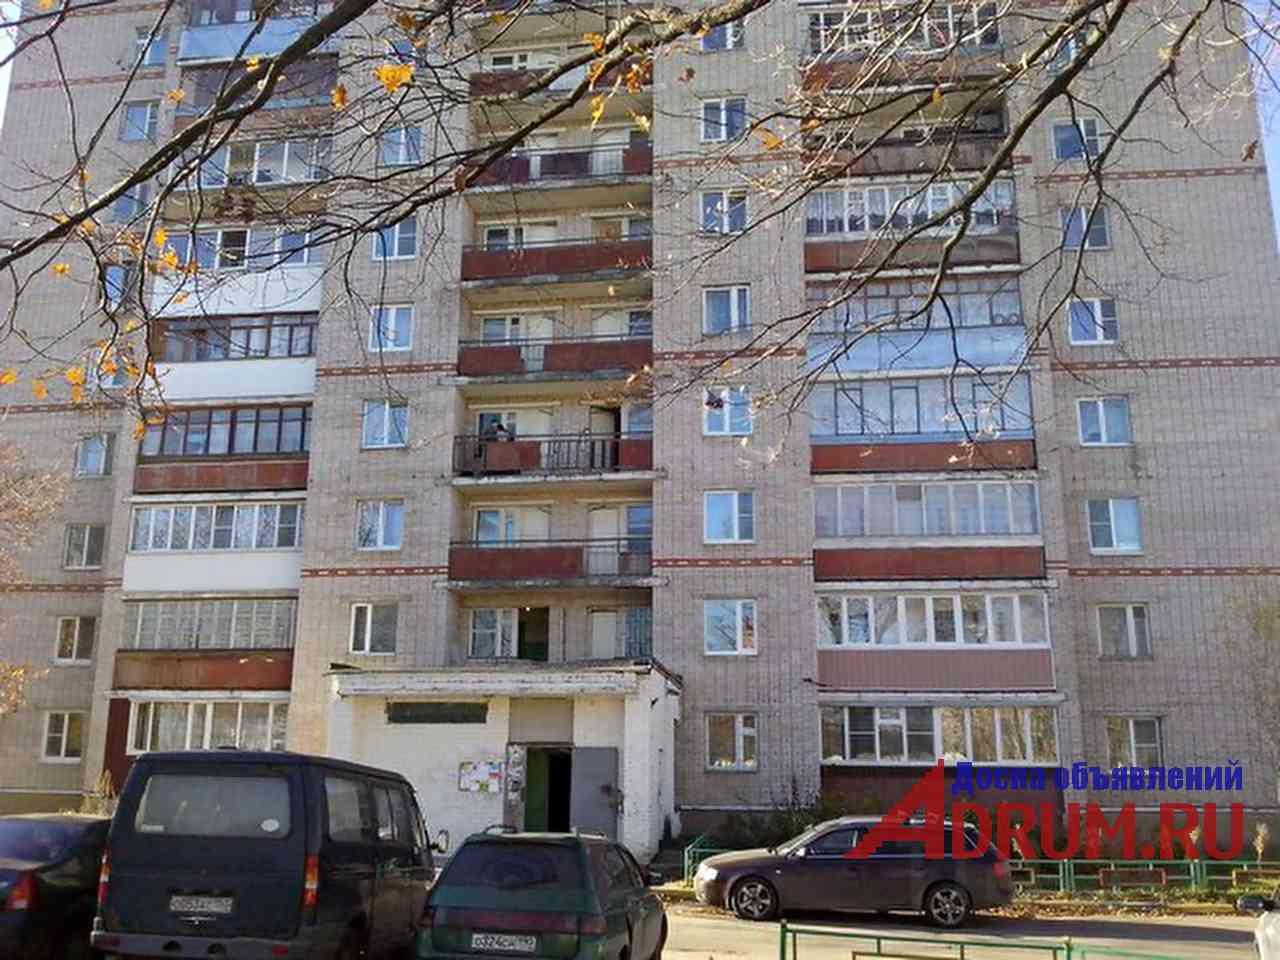 Продаю двухкомнатную квартиру, 53 кв. метров, 8 этаж в 9 этажном доме в Наро-Фоминске